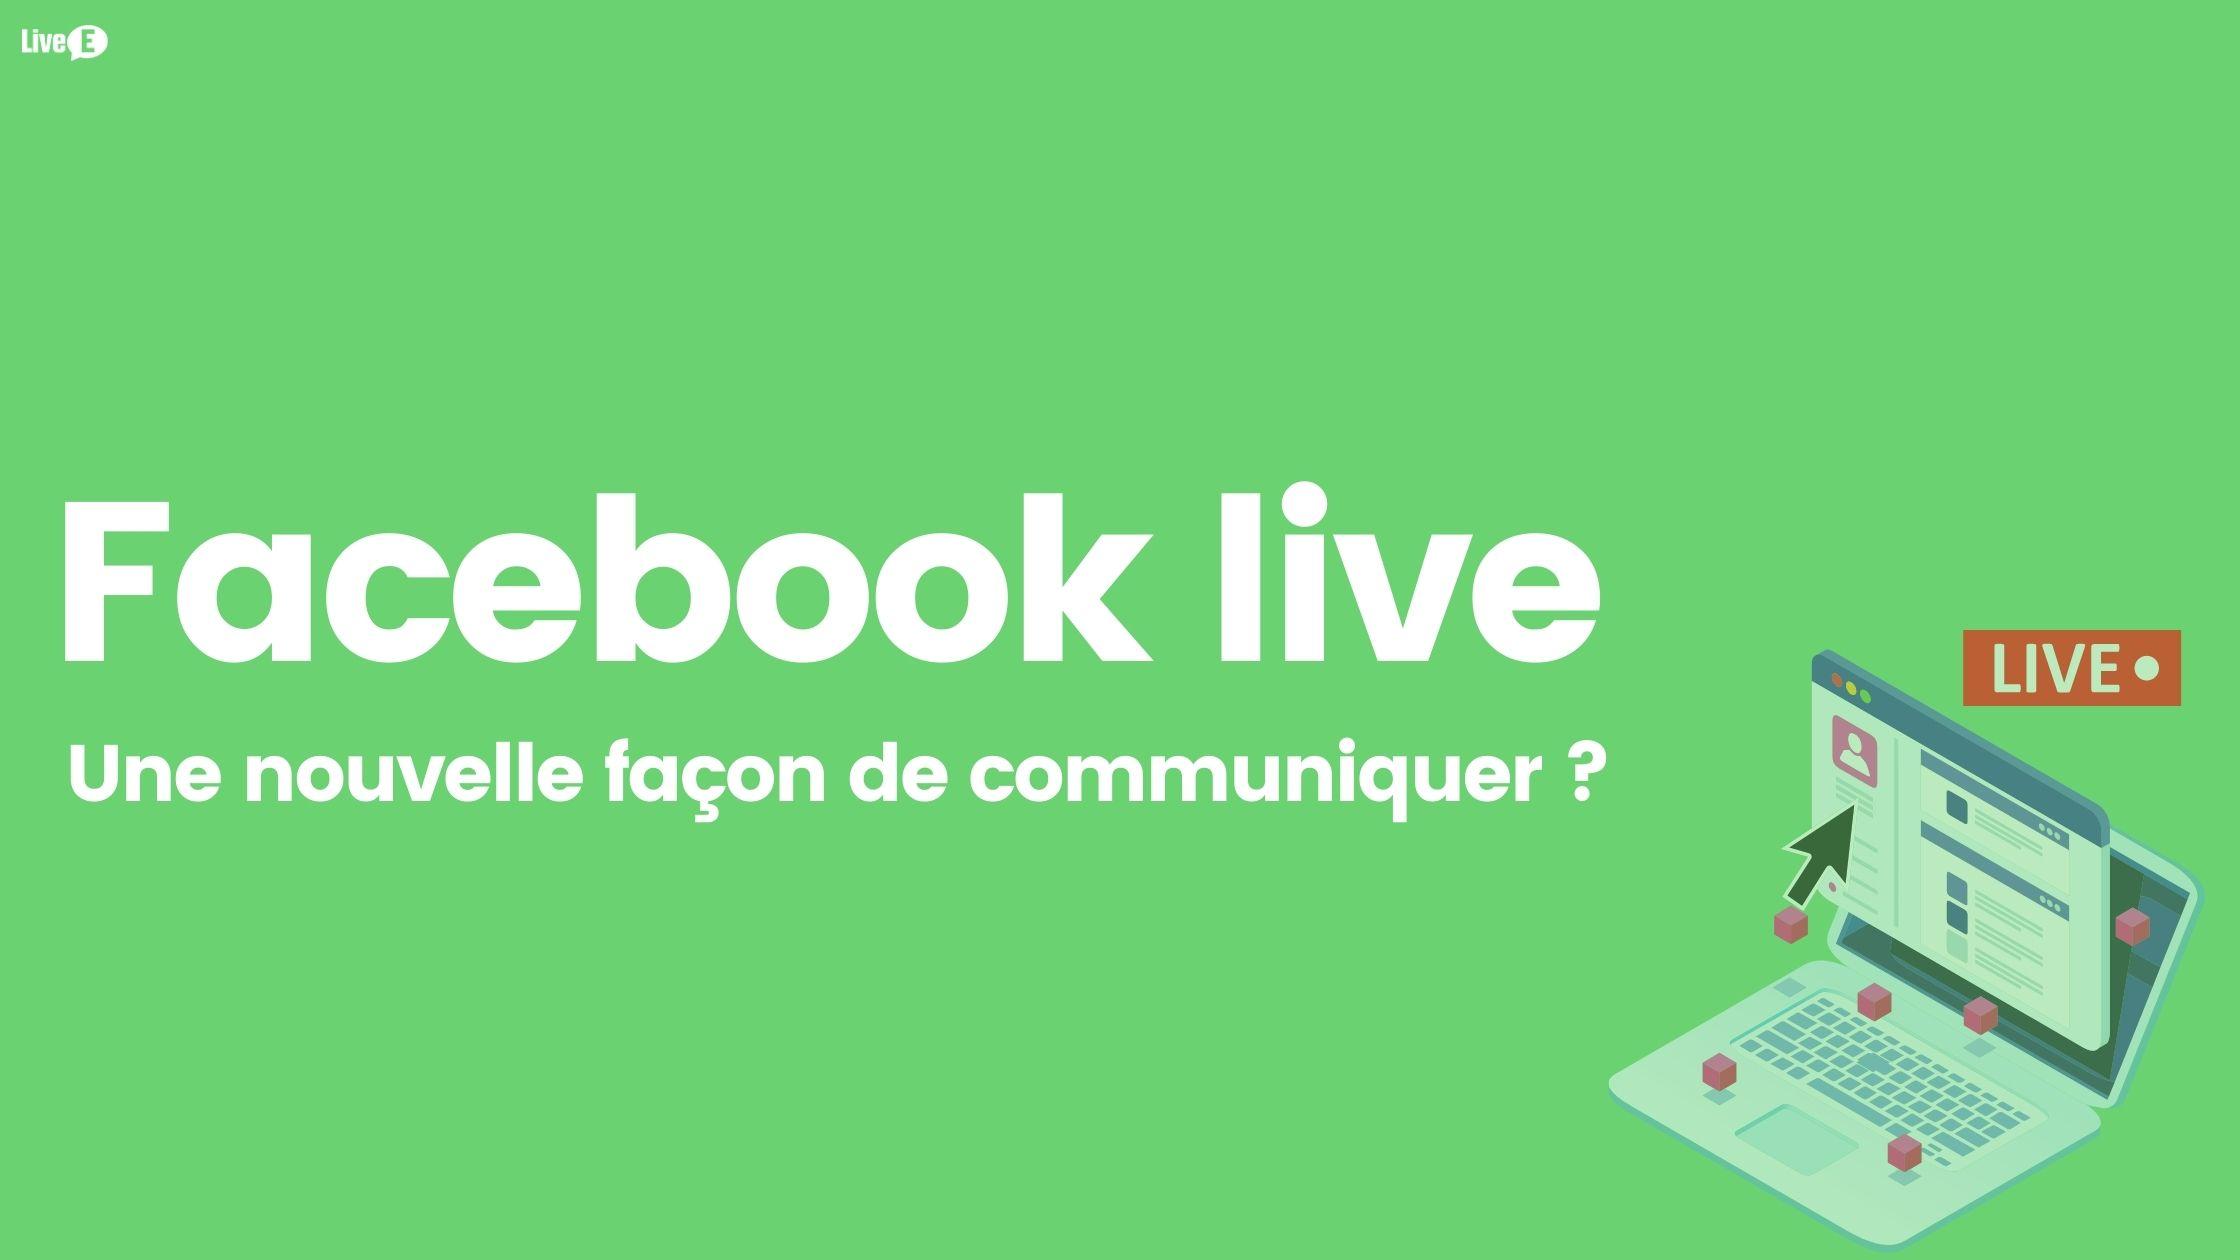 Facebook live : Une nouvelle façon de communiquer ?